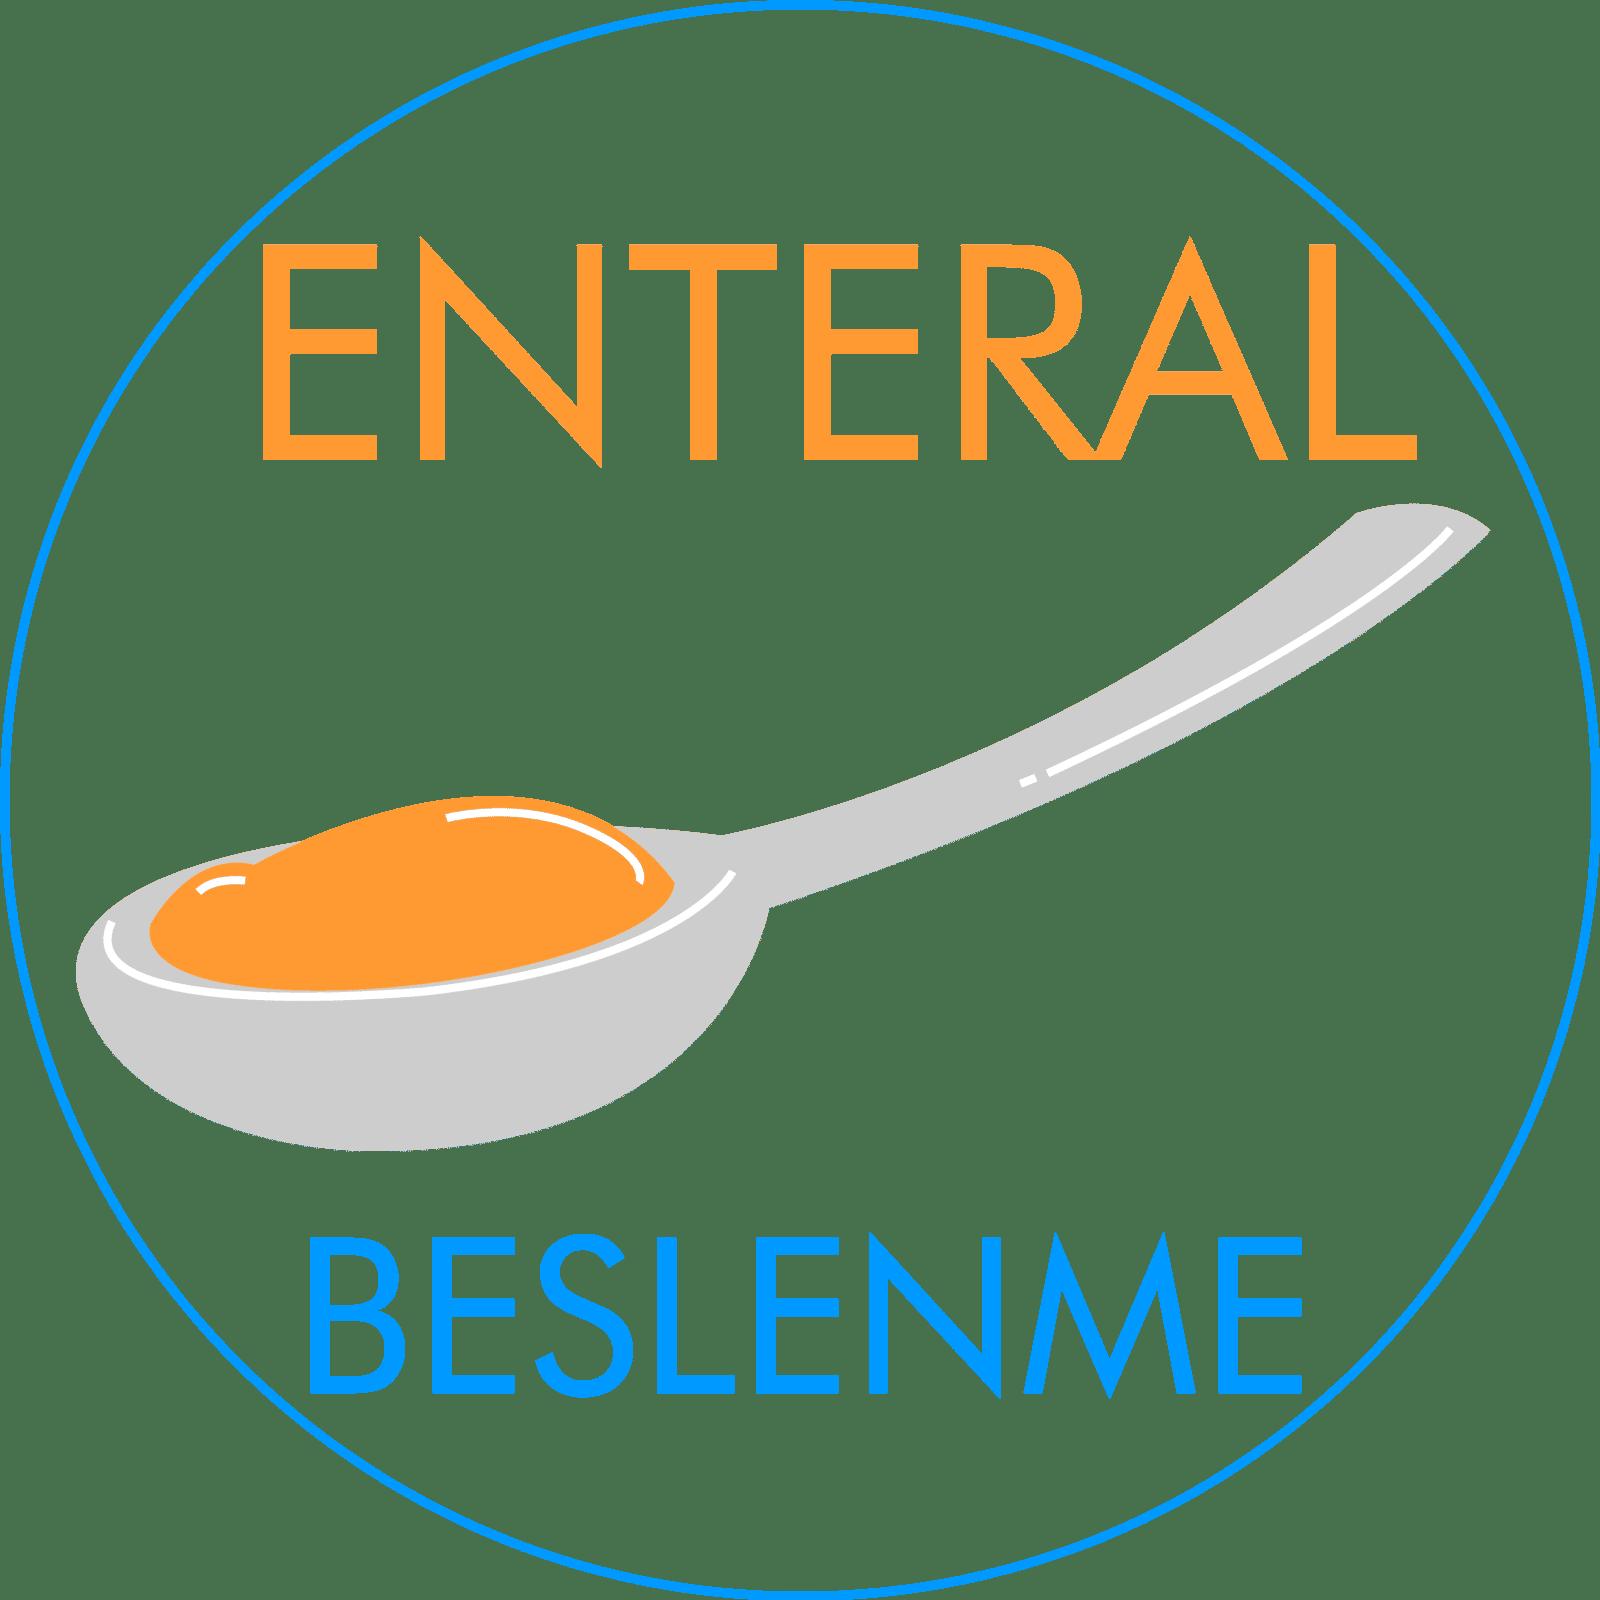 Enteral ve Parenteral Beslenme Nedir